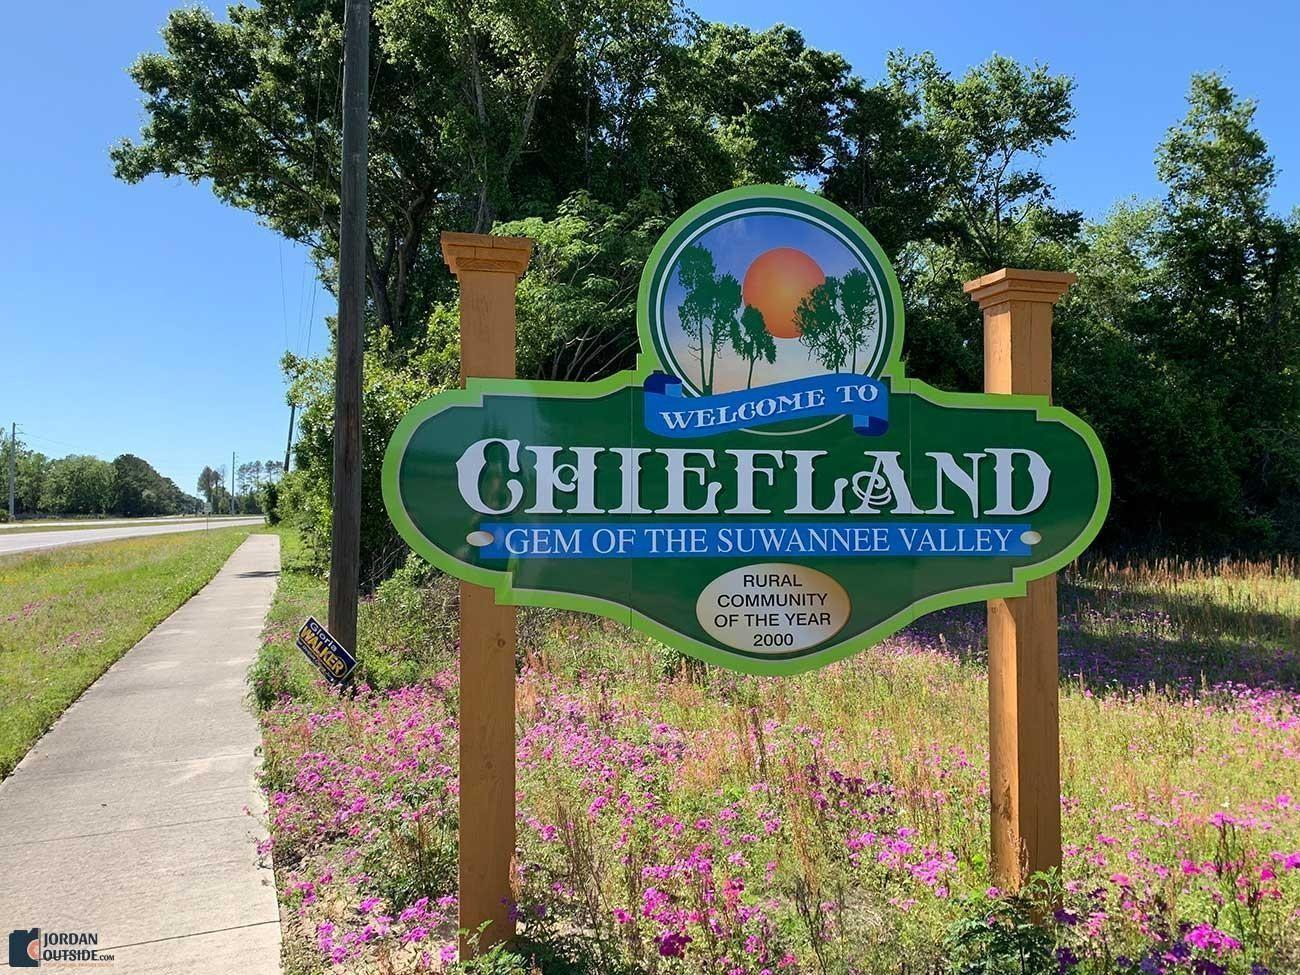 Chiefland, Florida